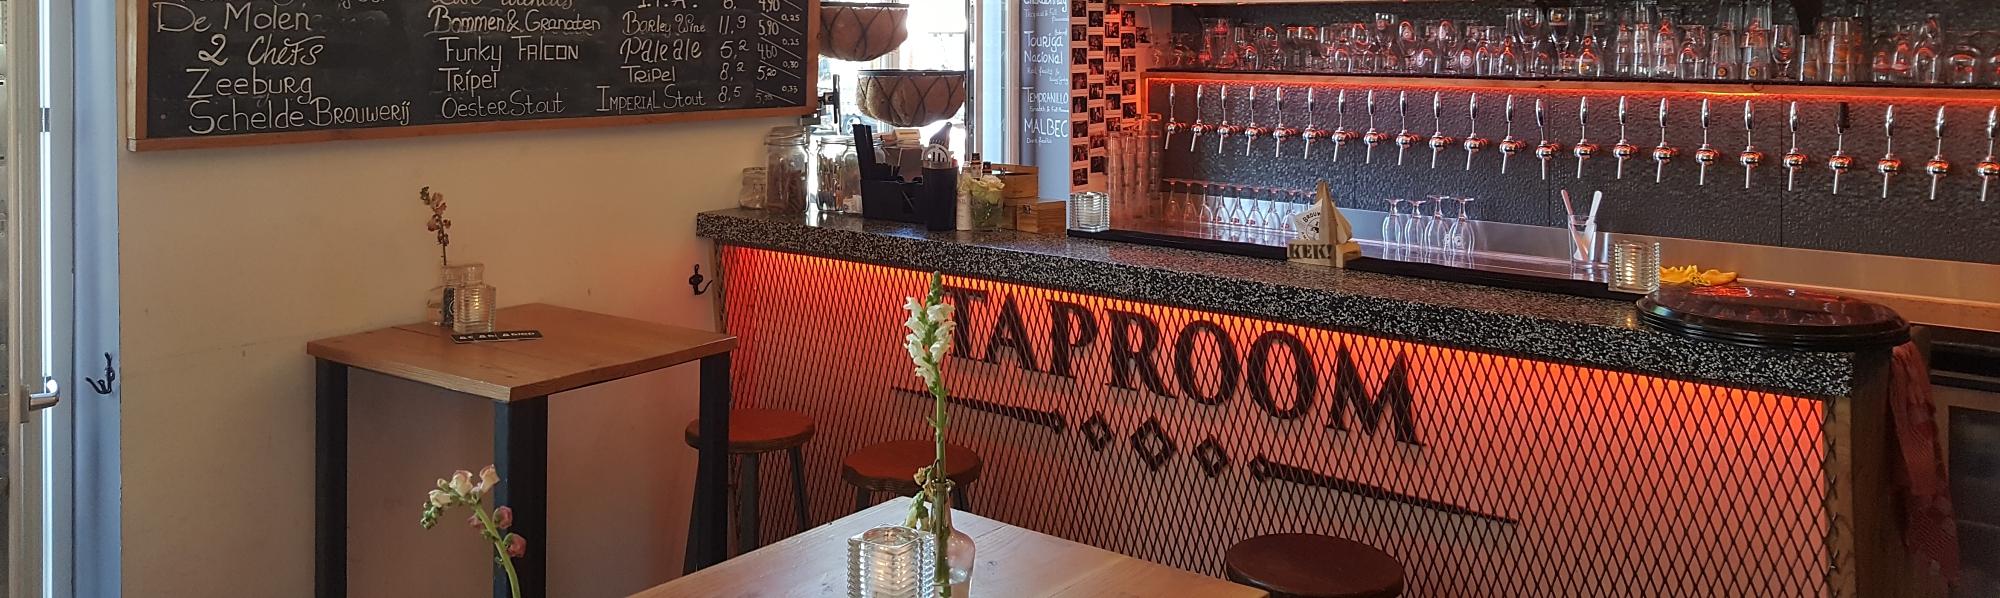 Taproom in Amsterdam